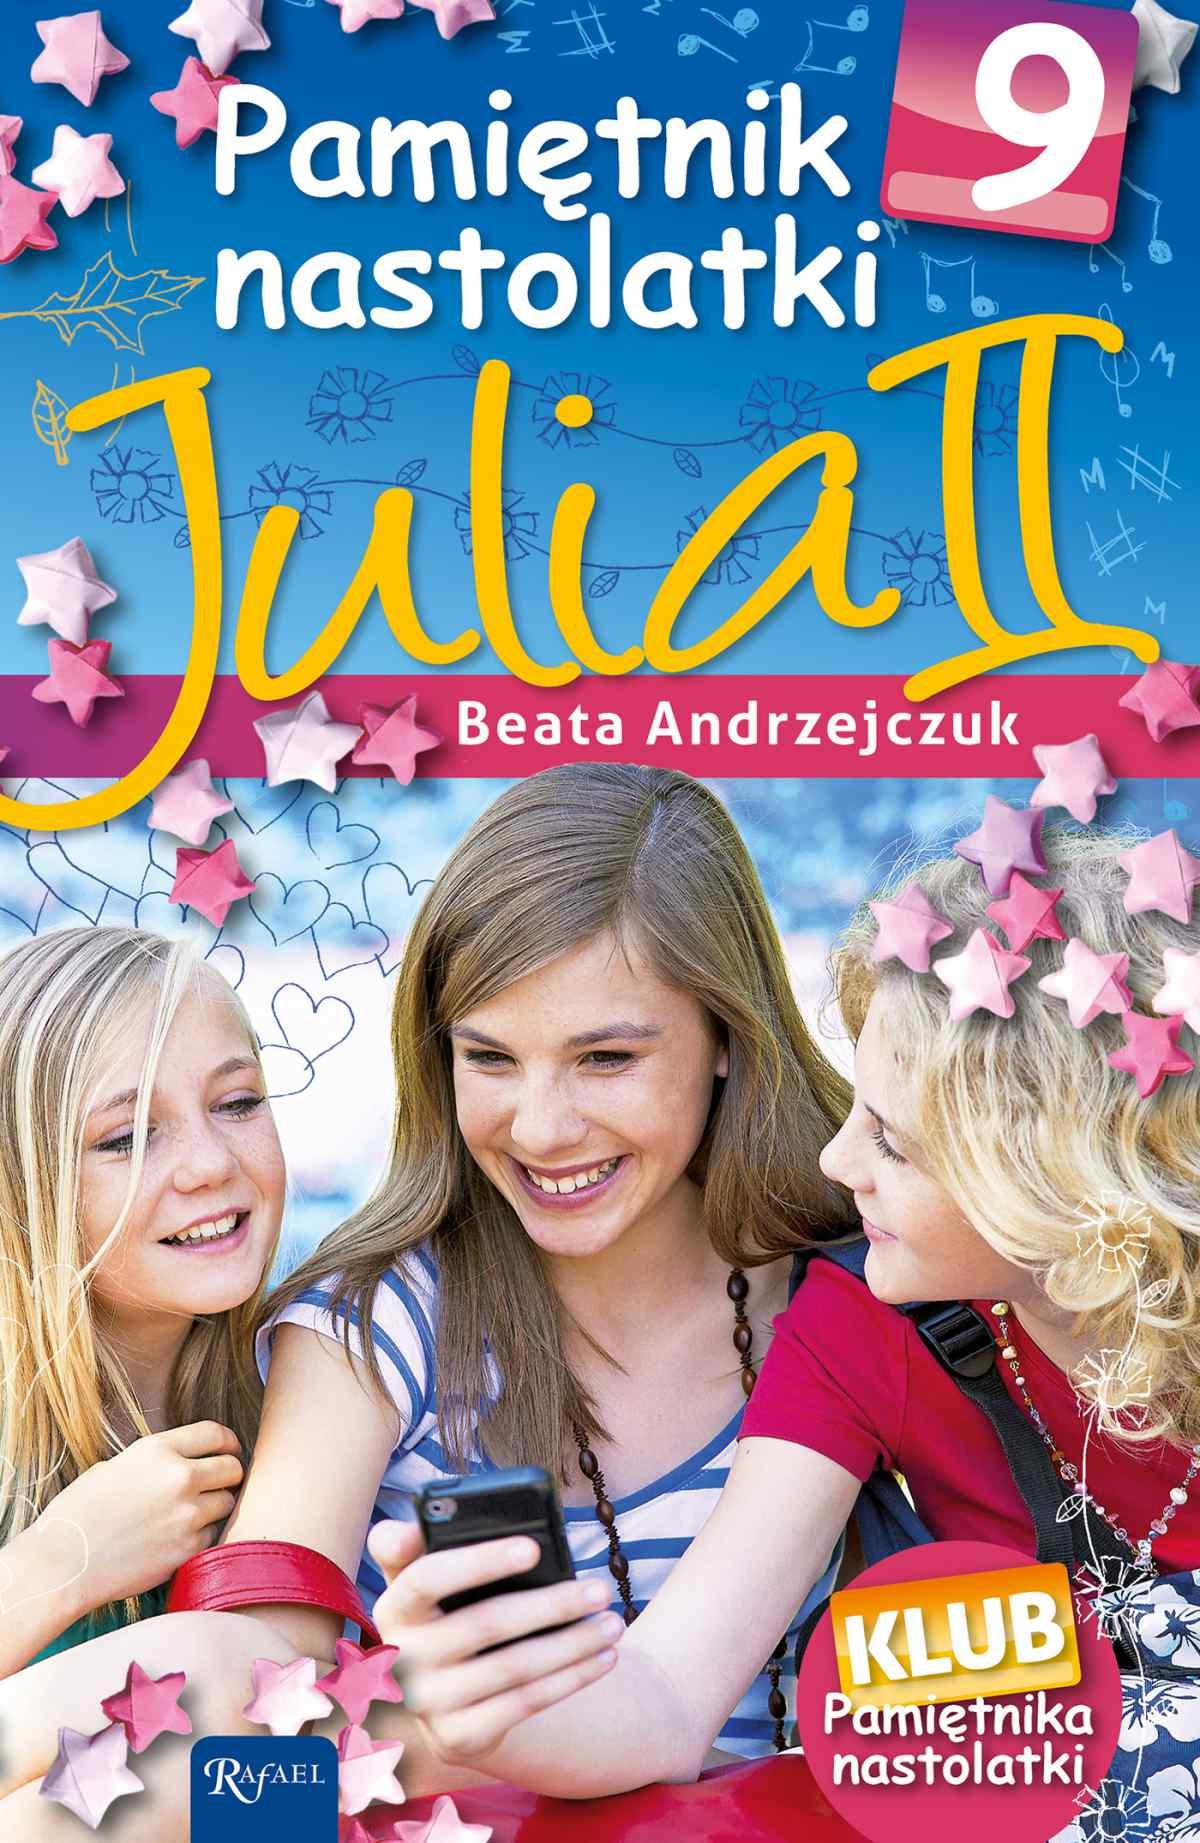 Pamiętnik nastolatki 9. Julia II - Ebook (Książka PDF) do pobrania w formacie PDF